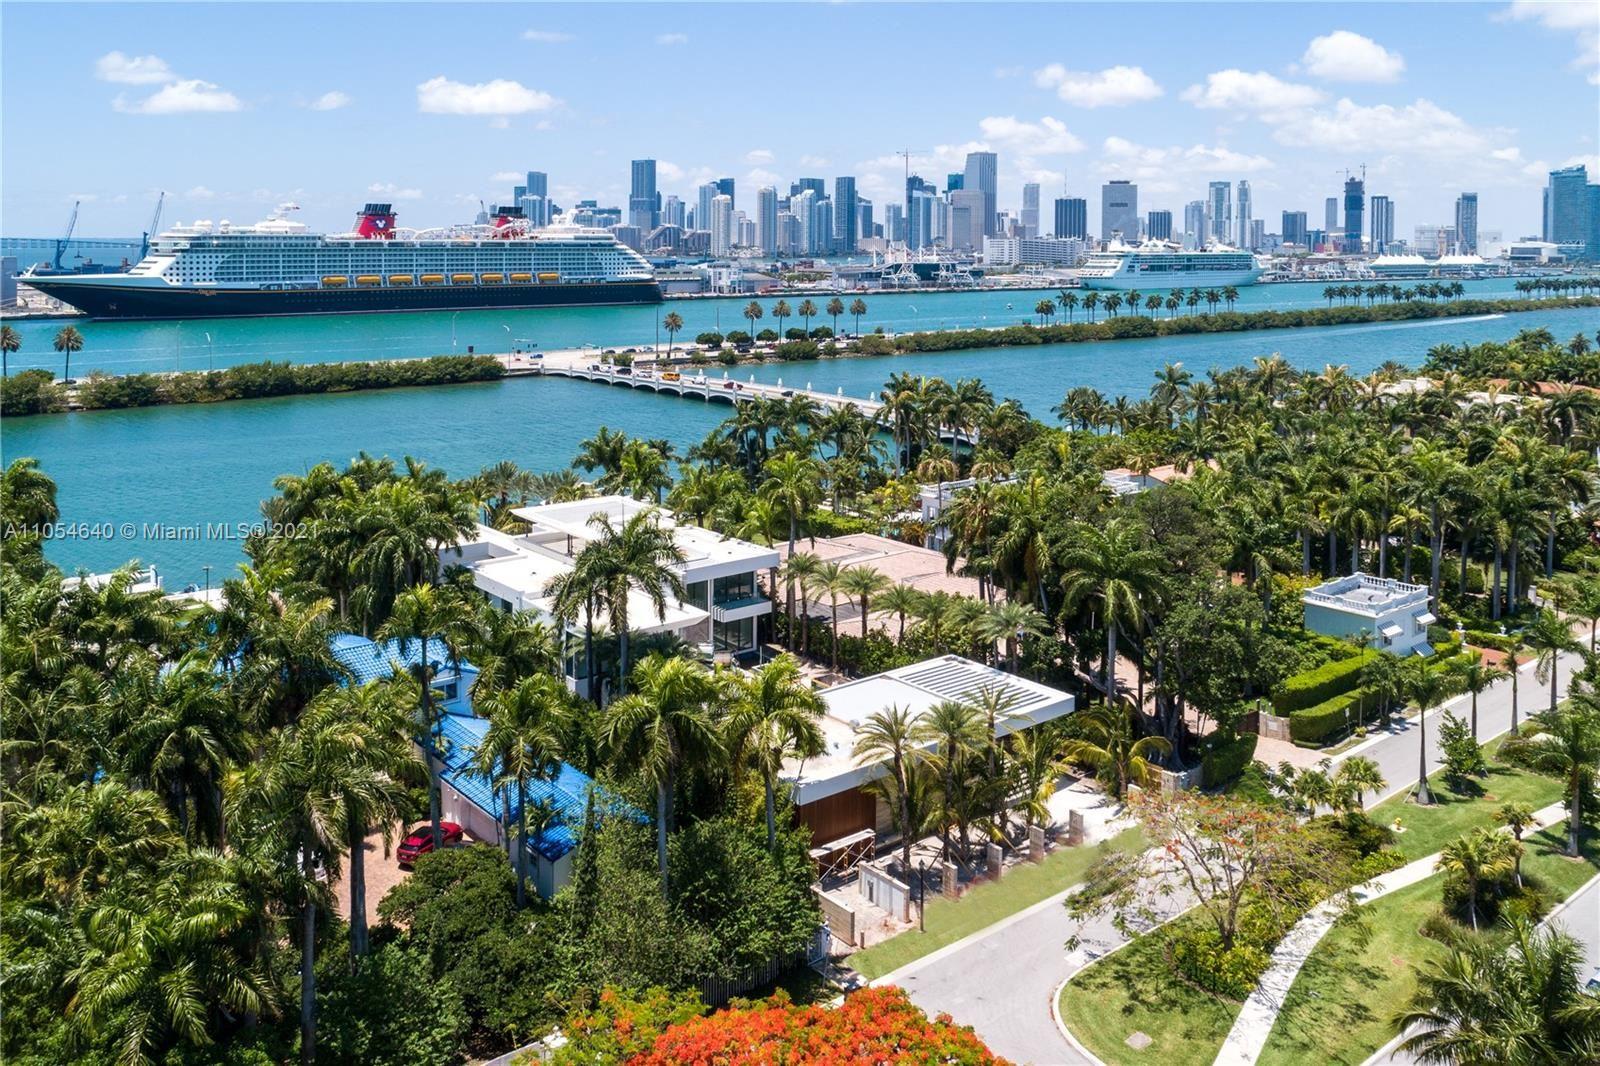 130 Palm Ave, Miami Beach, FL 33139 - #: A11054640